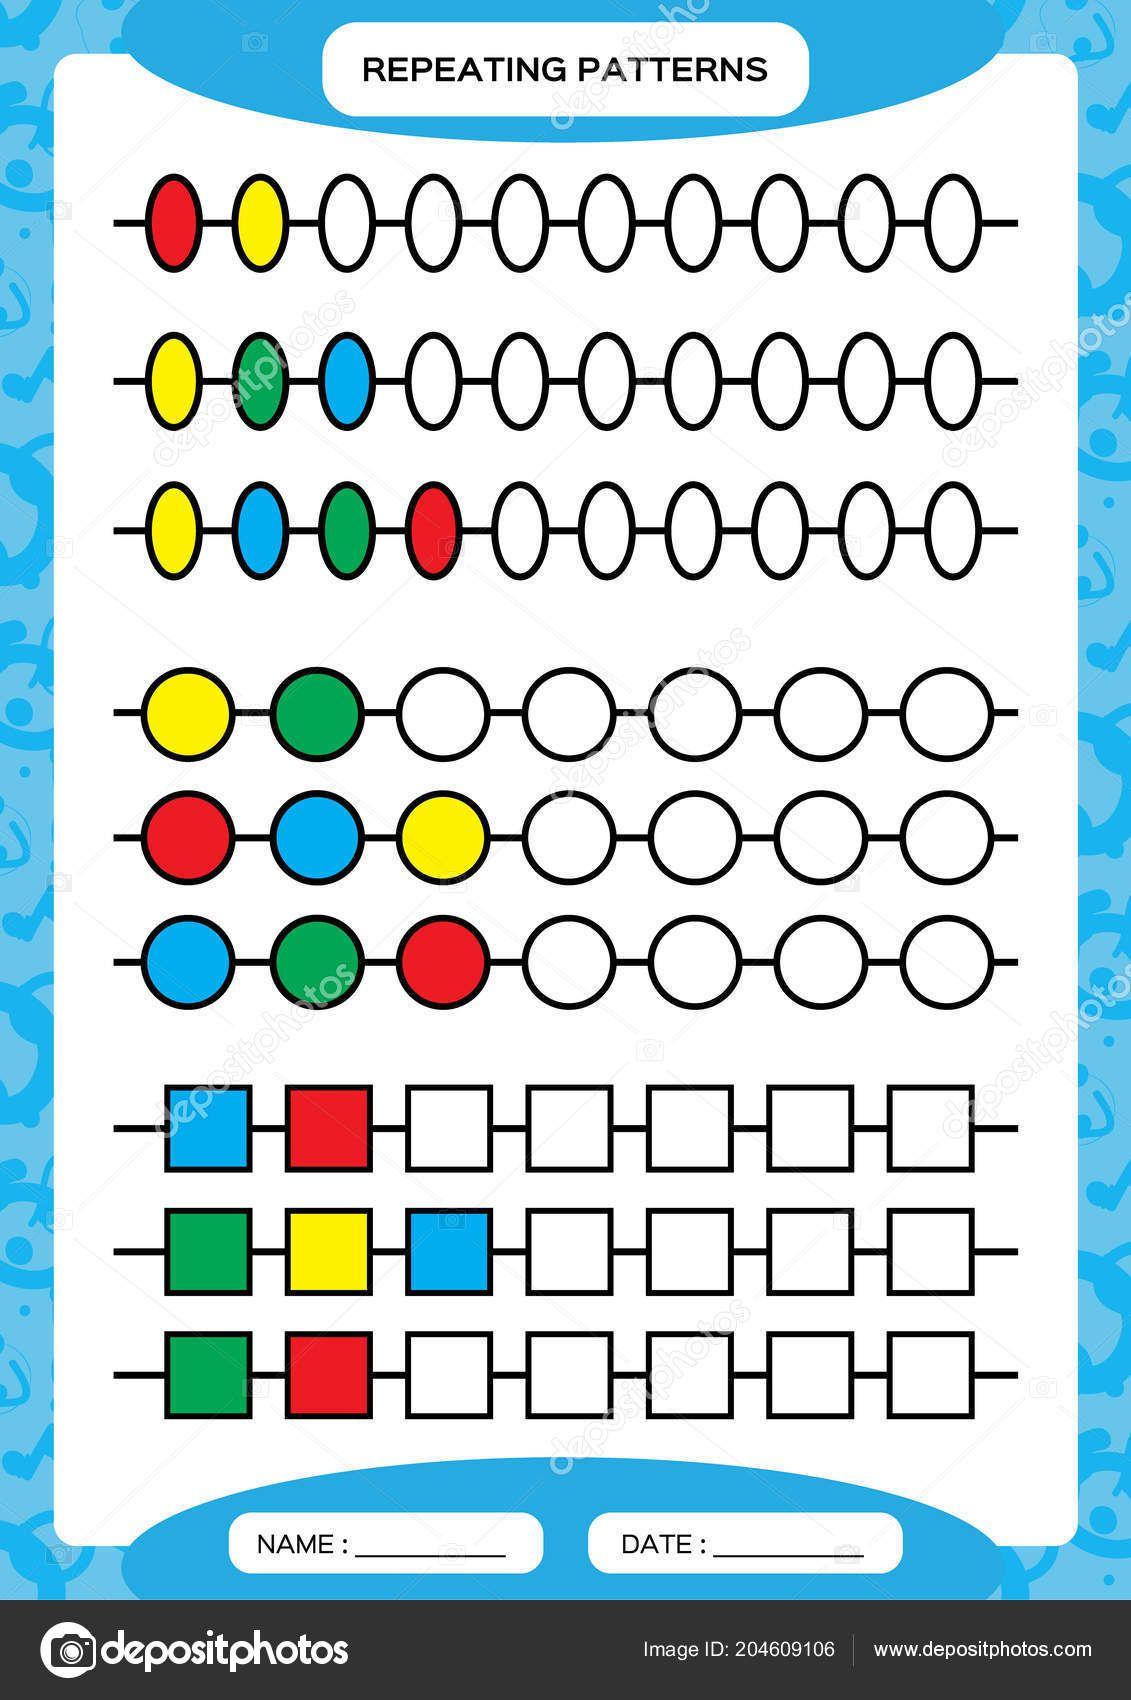 Descargar Patrones De Repetición Completados Hoja De T Juegos De Matemáticas Preescolares Actividades De Matematicas Actividades De Matemáticas Preescolares